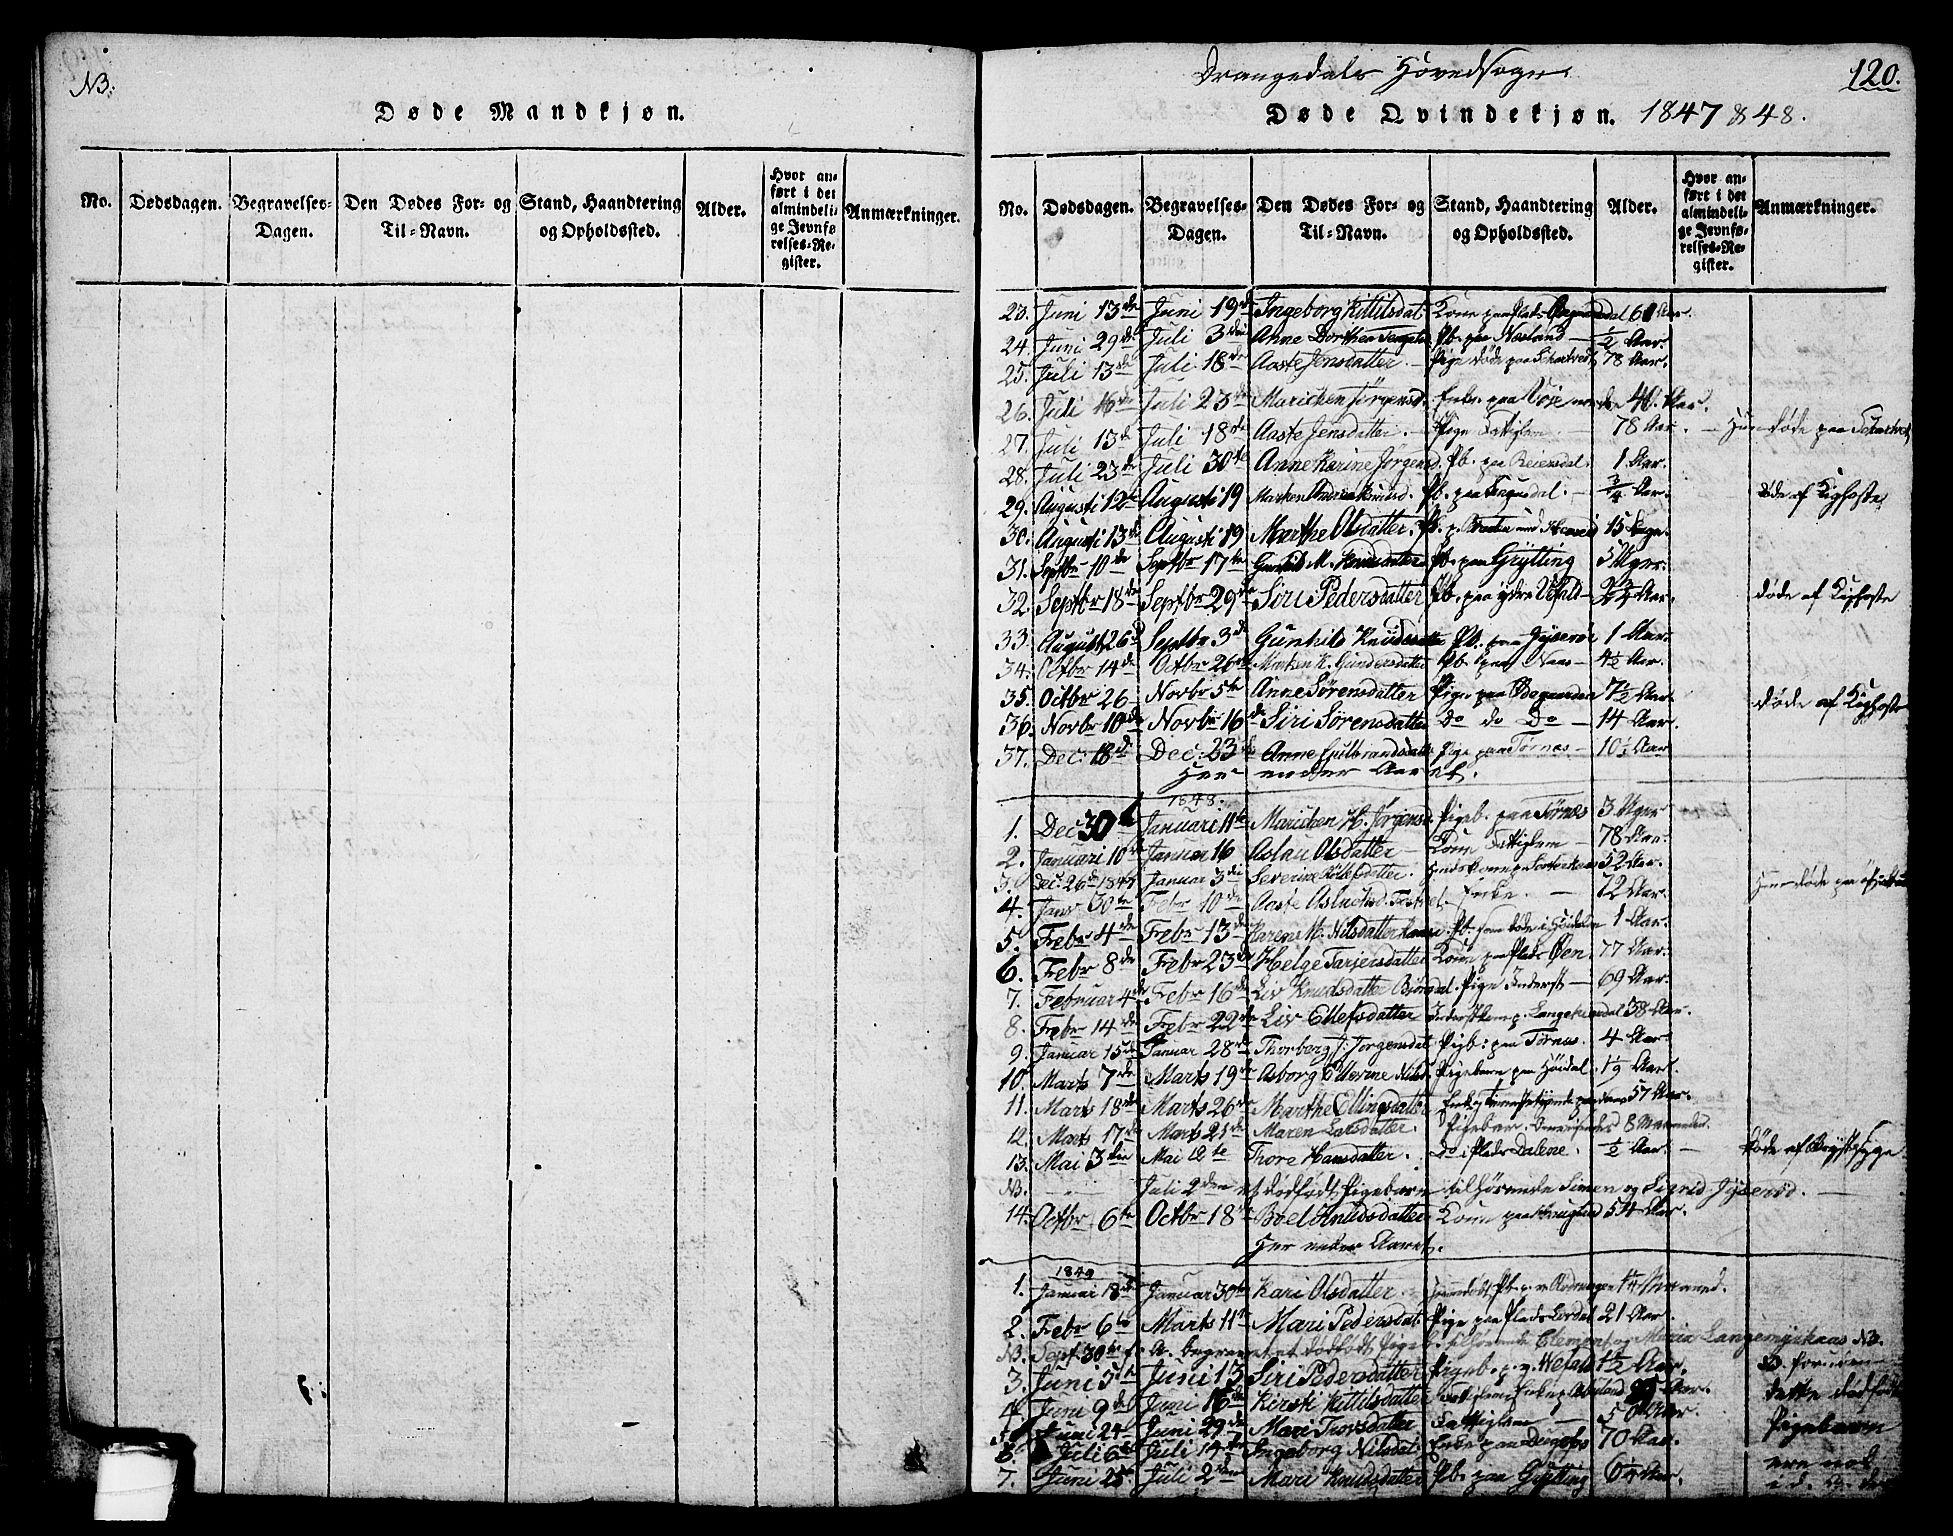 SAKO, Drangedal kirkebøker, G/Ga/L0001: Klokkerbok nr. I 1 /1, 1814-1856, s. 120